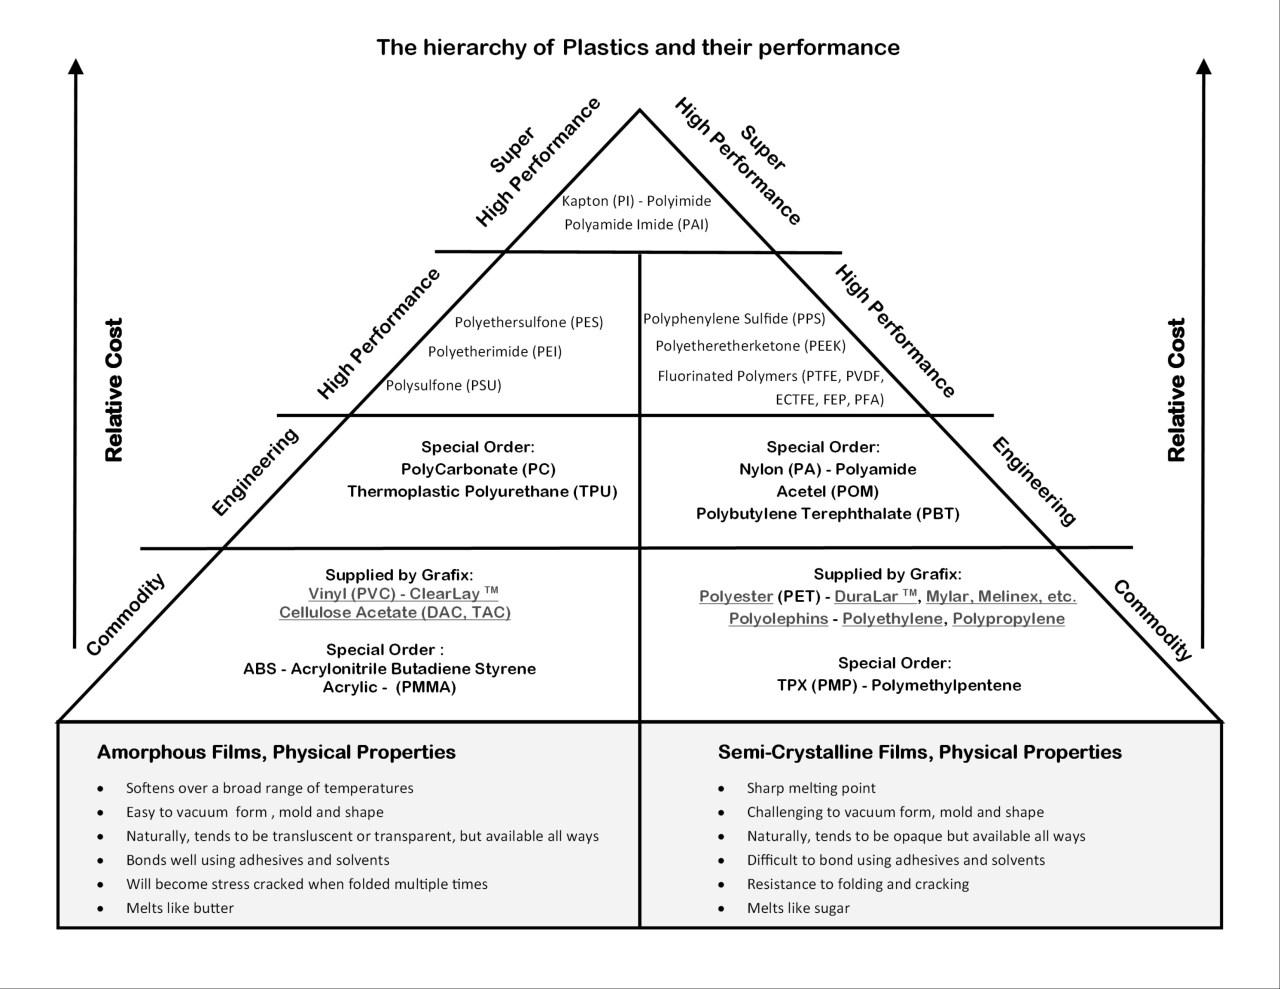 Plastic Hierarchy